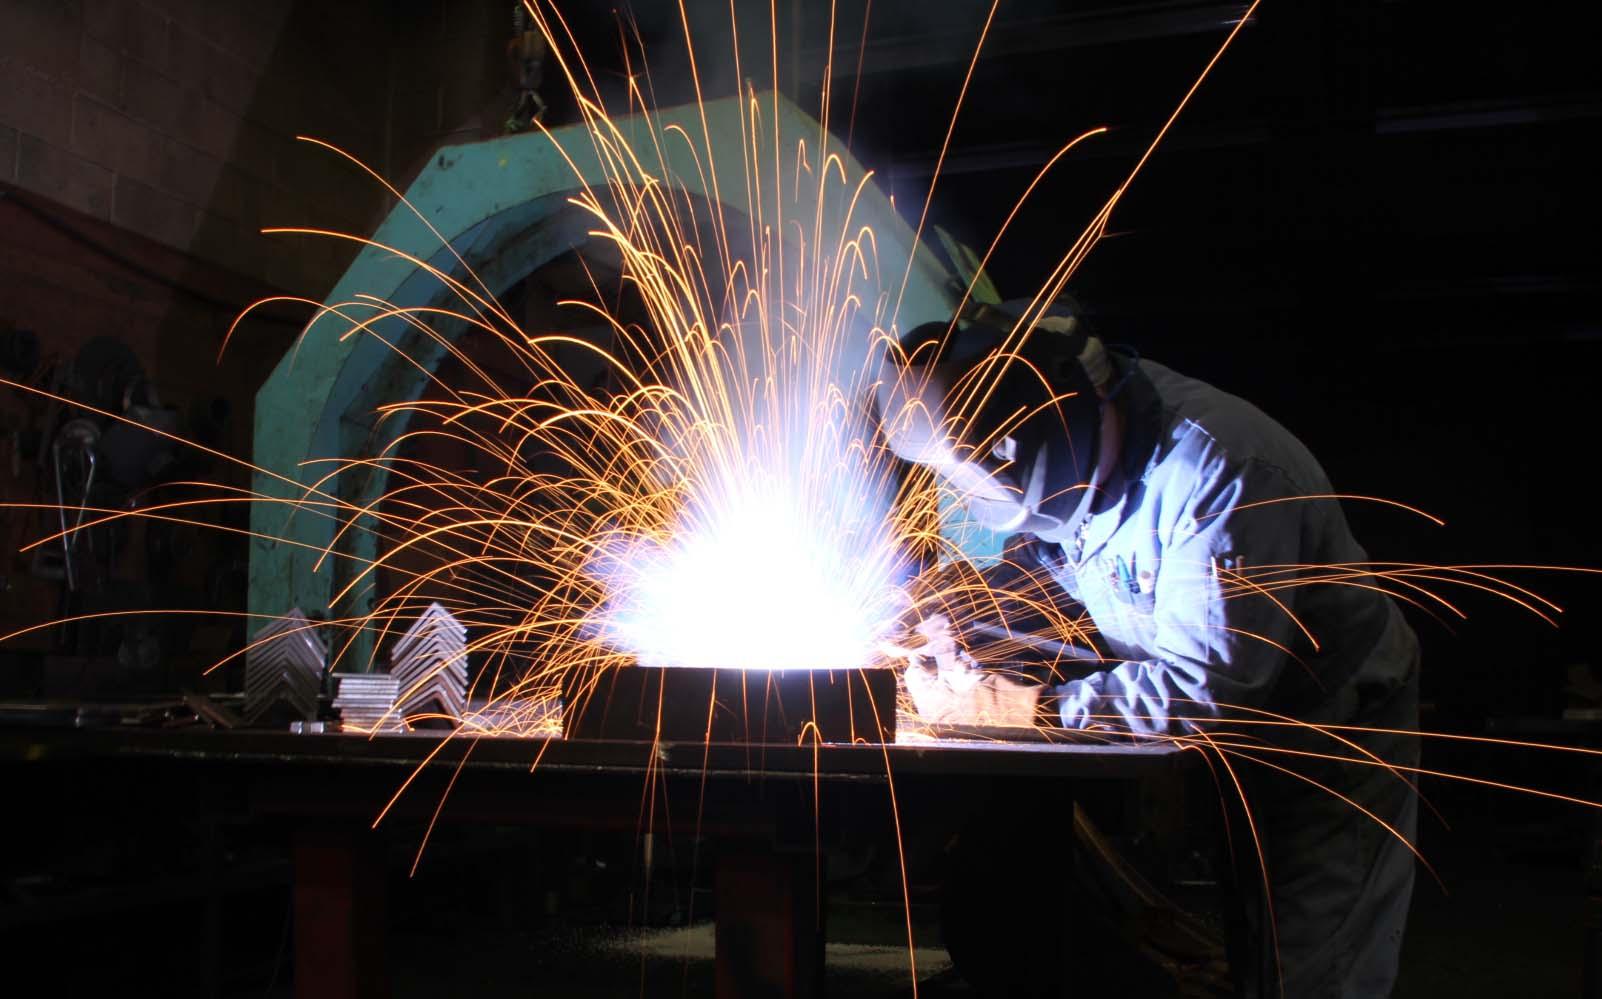 Steel Fabrication Welding | www.pixshark.com - Images ...